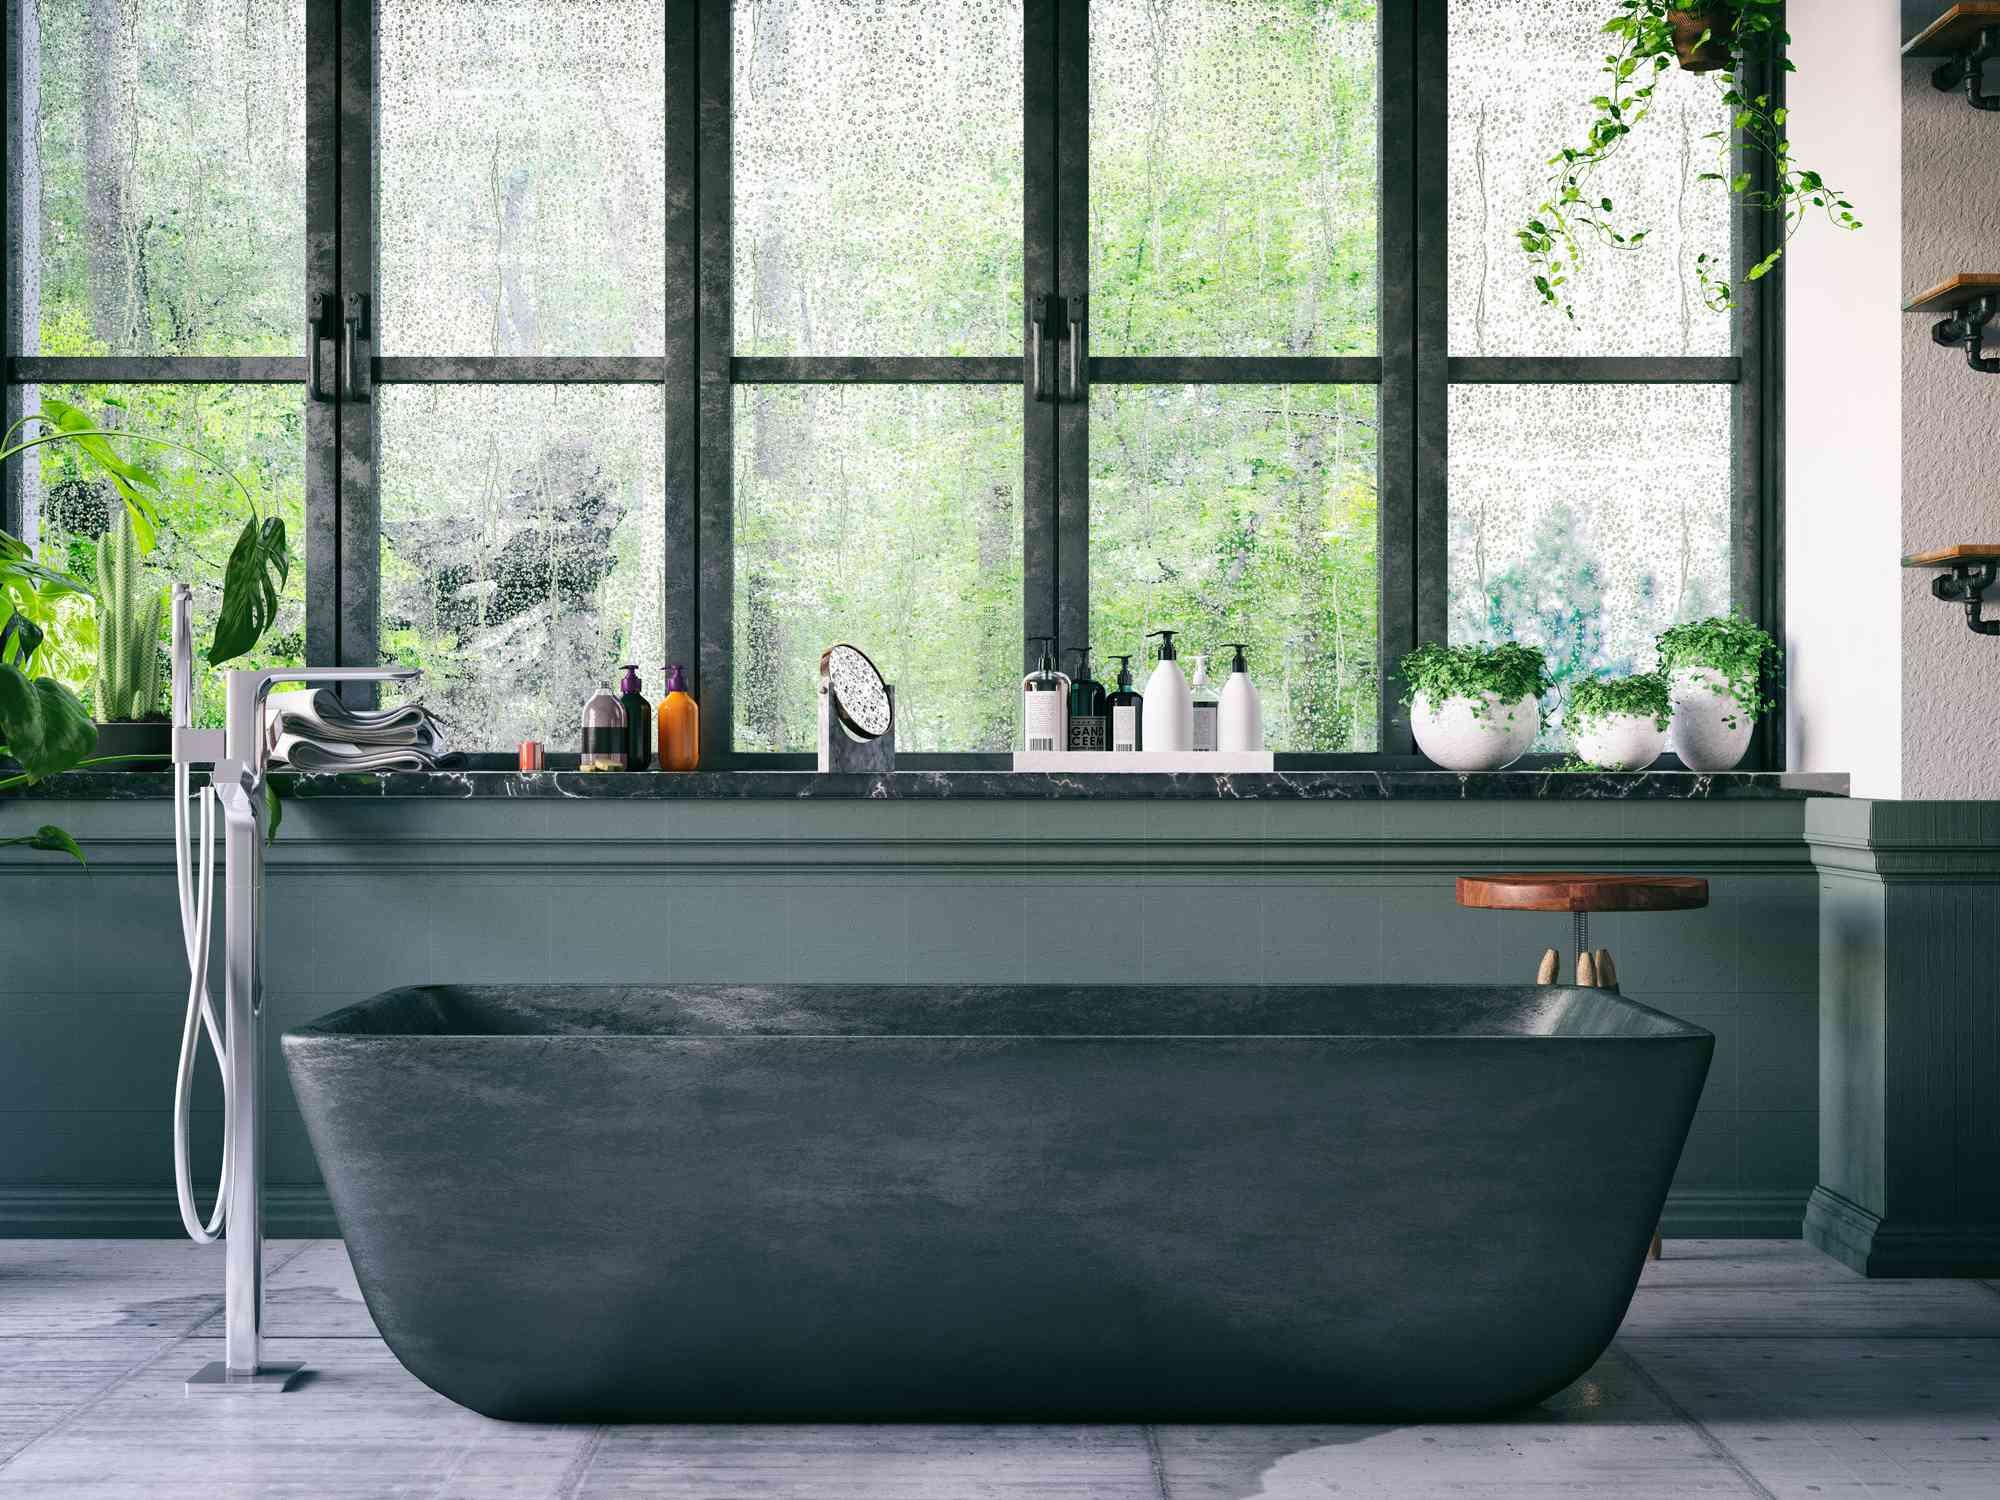 Industrial bathroom with black tub